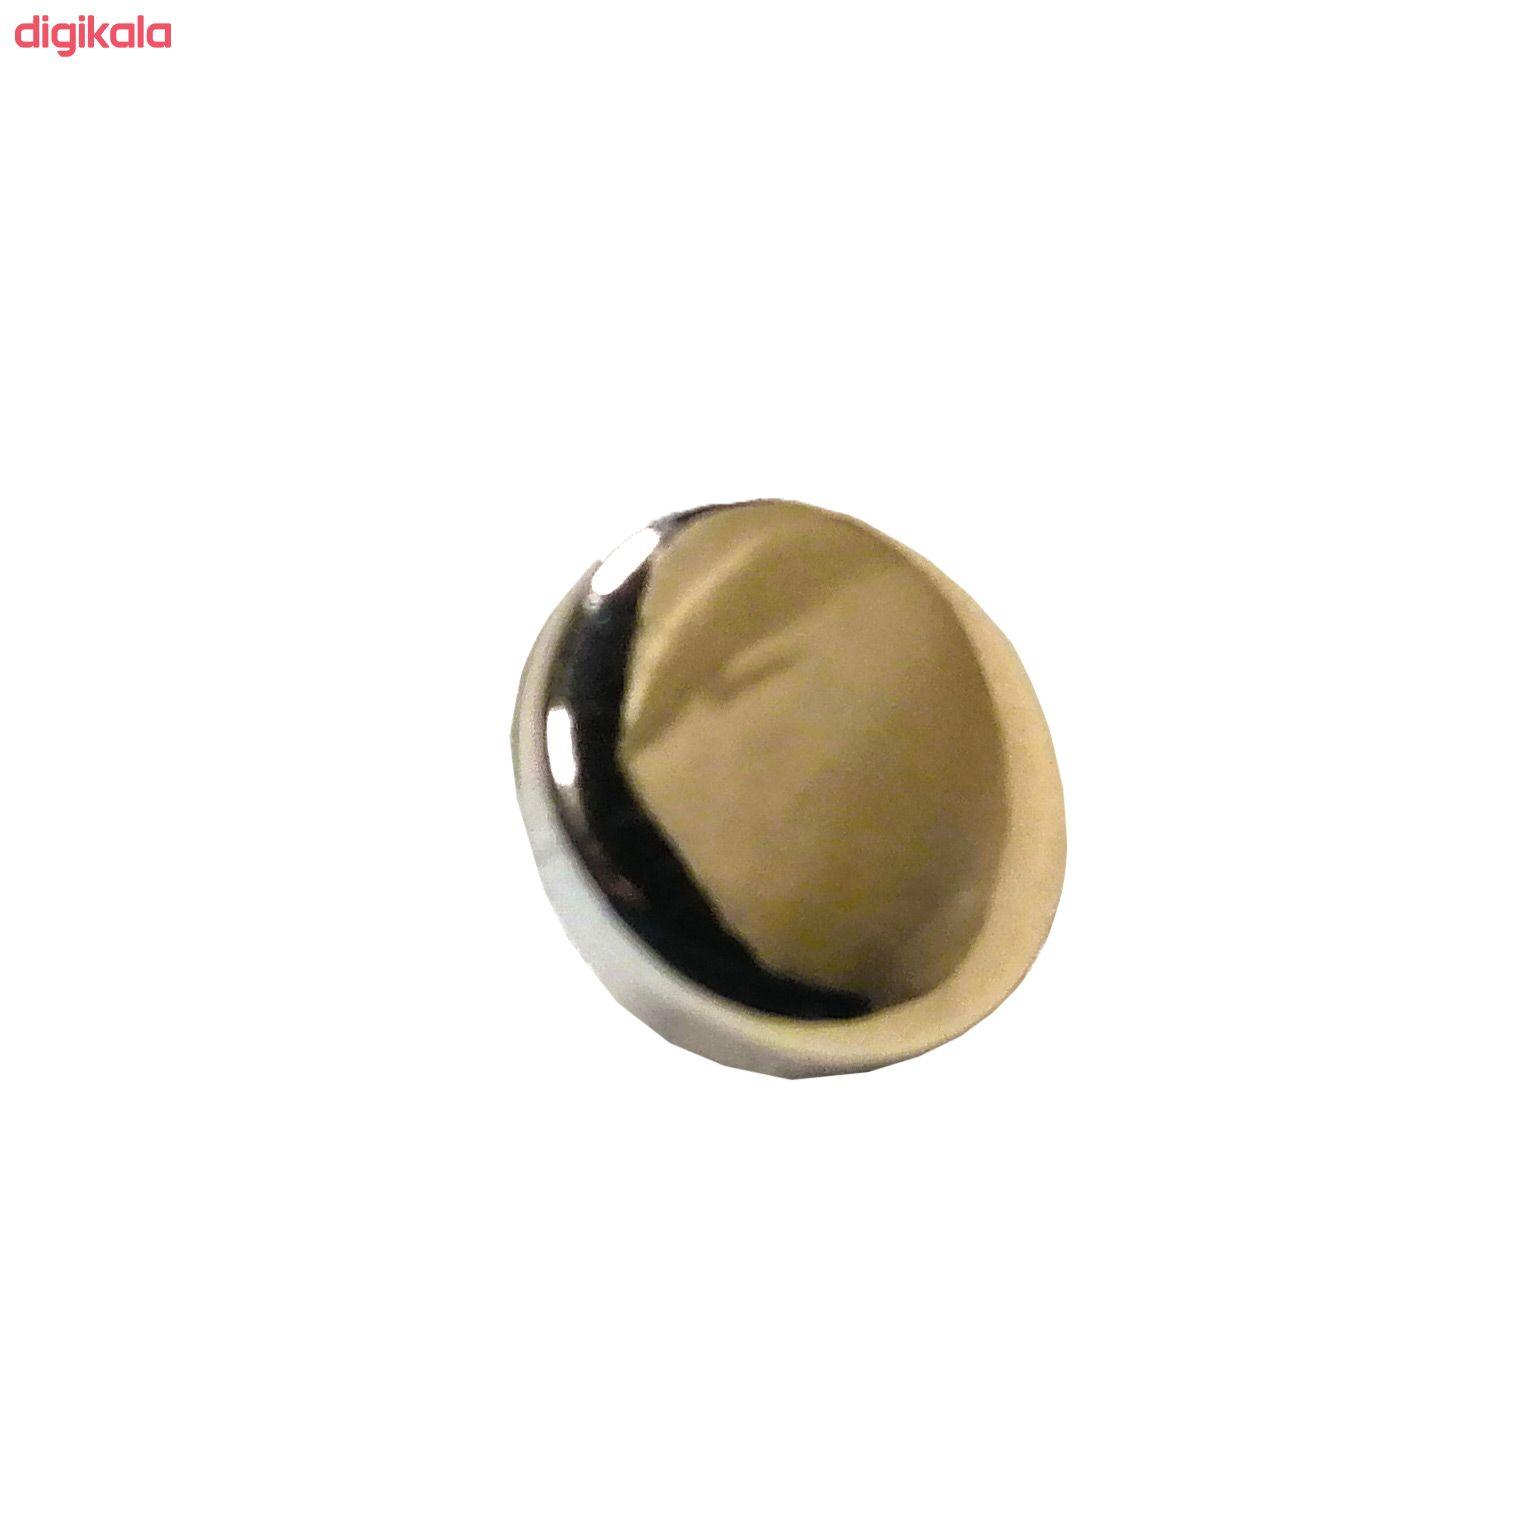 دکمه کد 16 بسته 10 عددی main 1 1